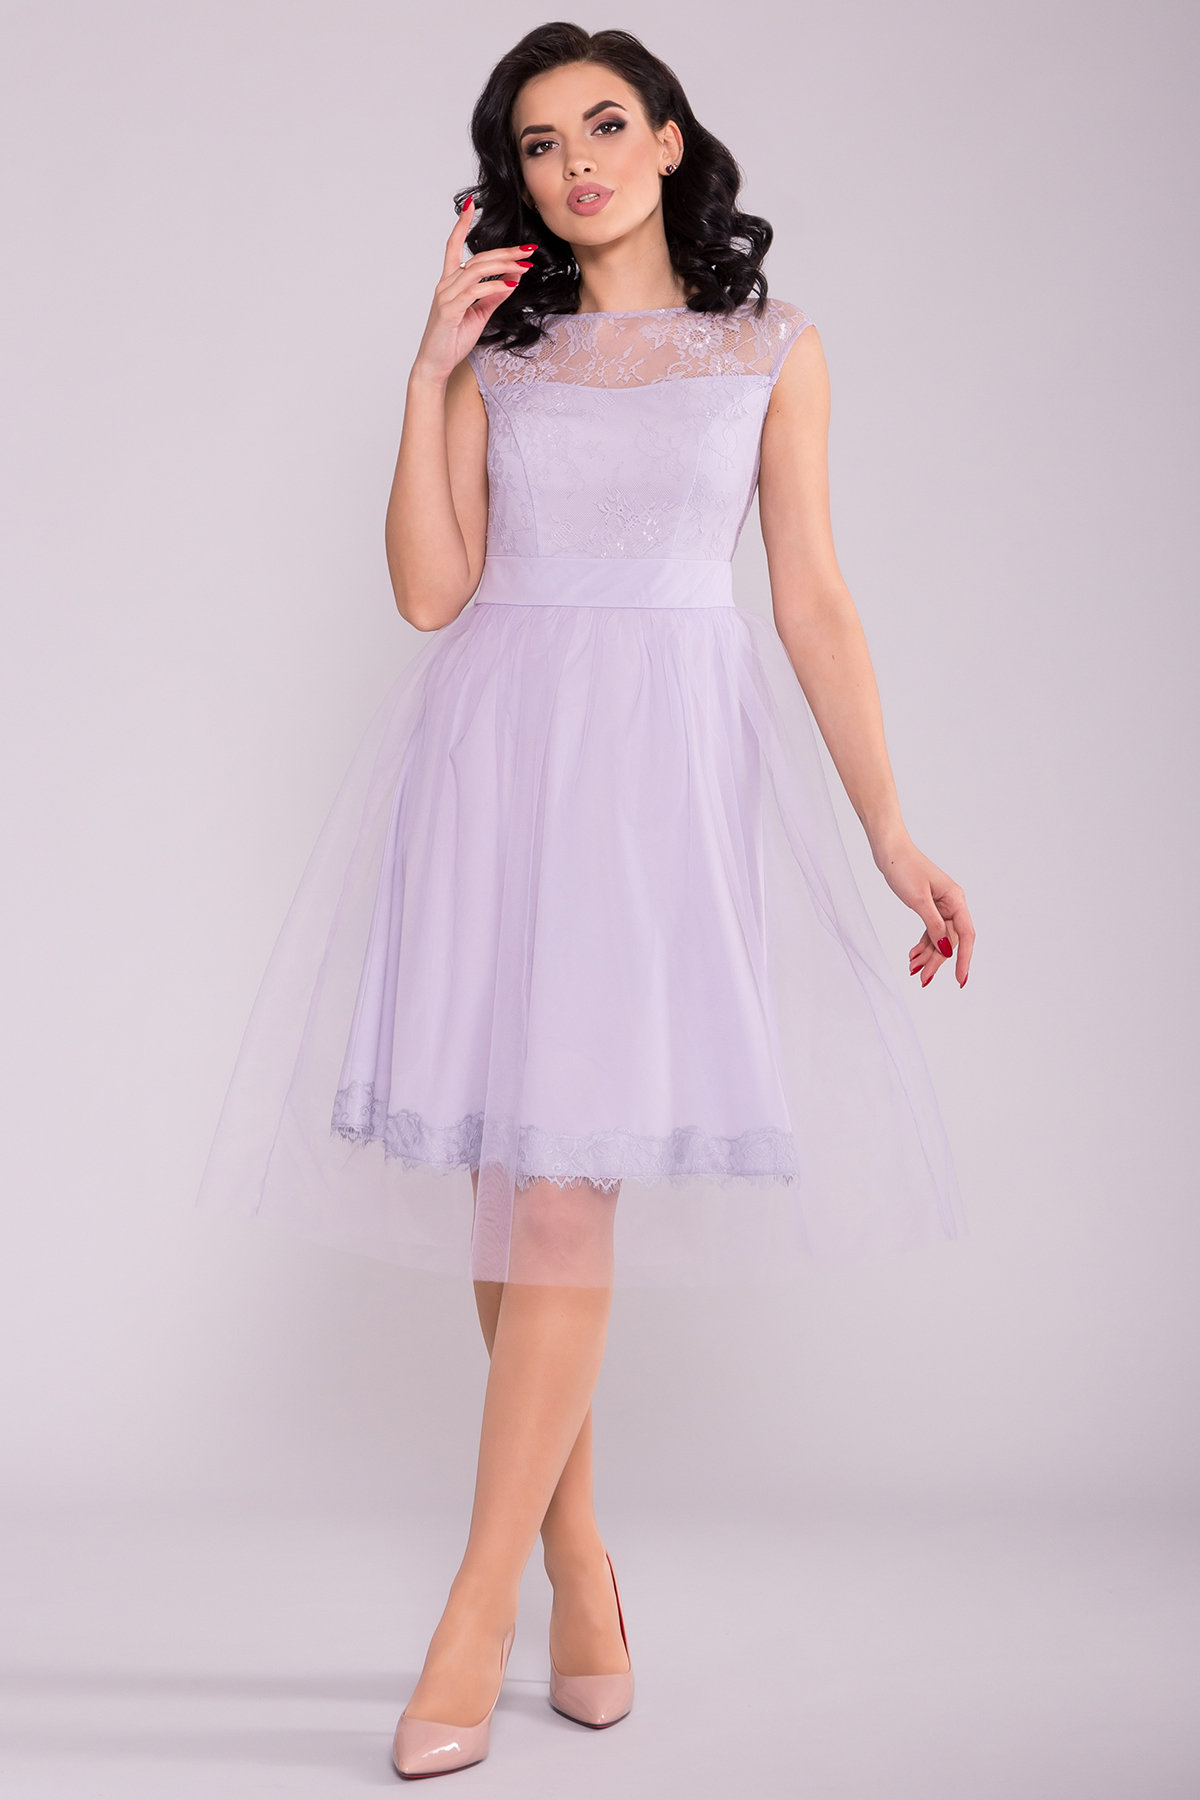 Платье Амур 6872 АРТ. 41986 Цвет: Серо-голубой/серо-голубой - фото 1, интернет магазин tm-modus.ru